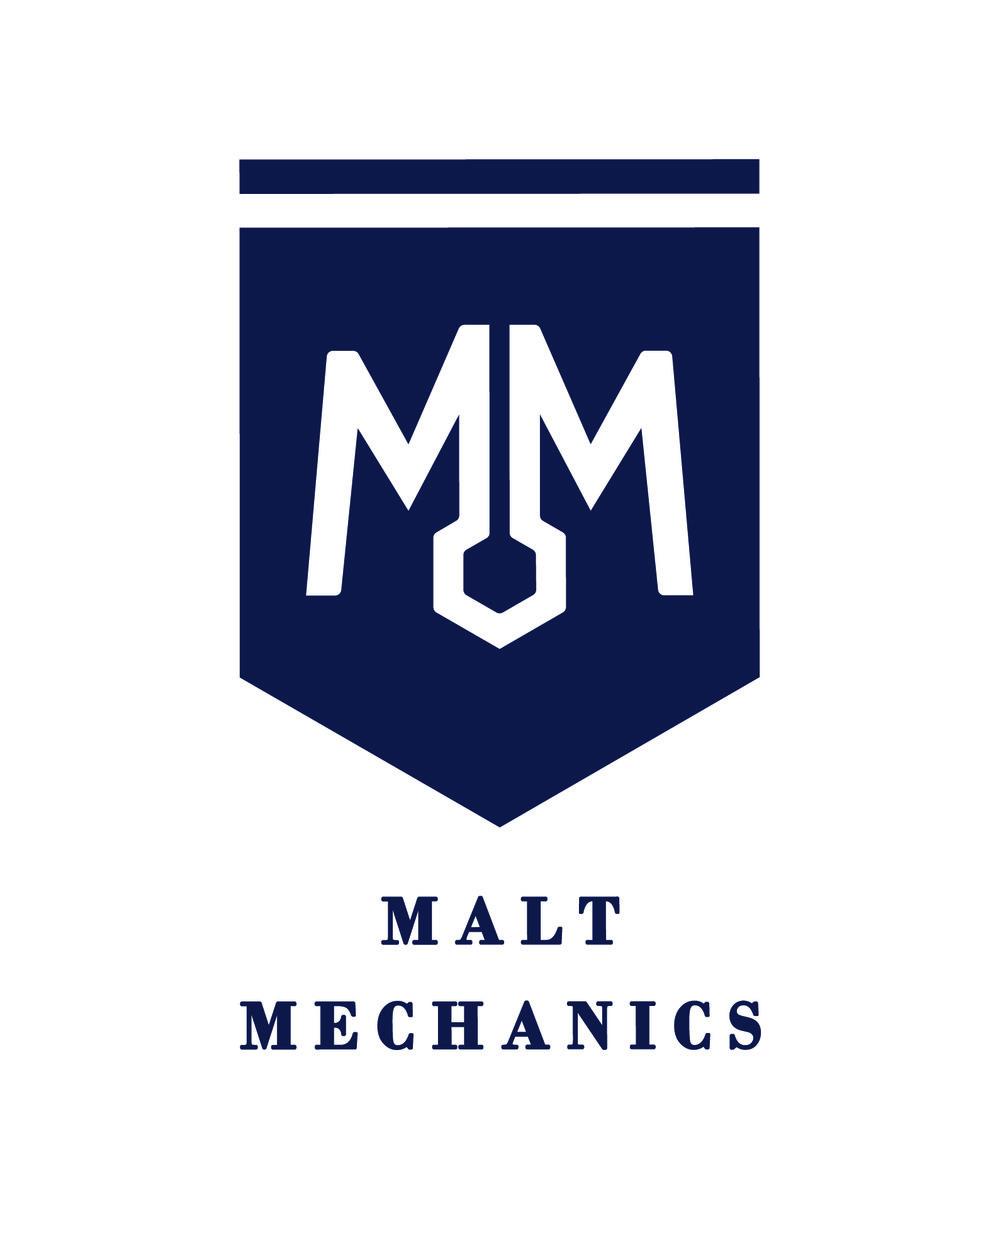 MM Full Logo-01.jpg